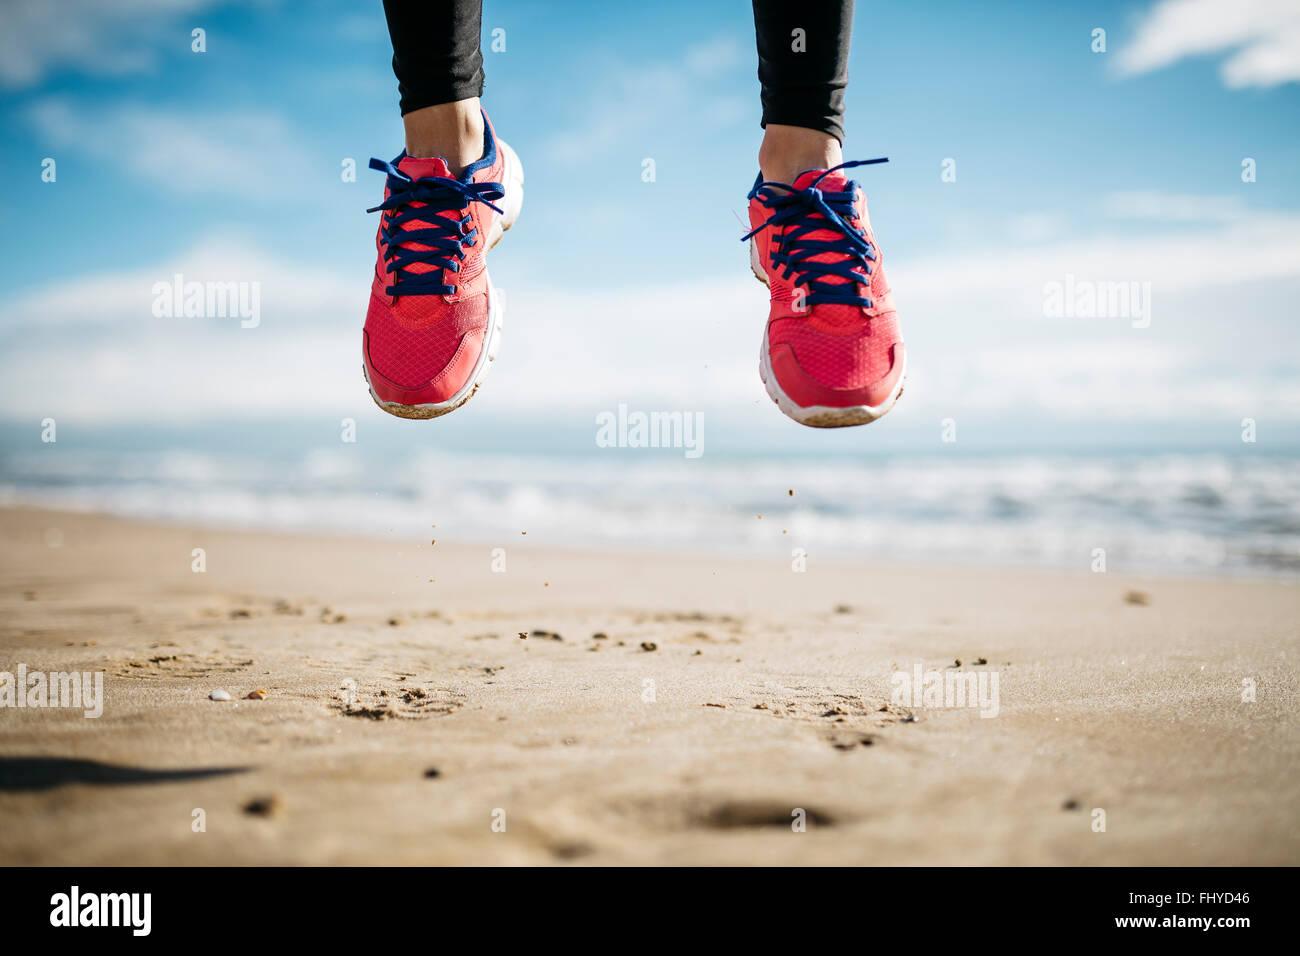 Aller un peu de pieds chaussés de baskets, sur la plage Photo Stock